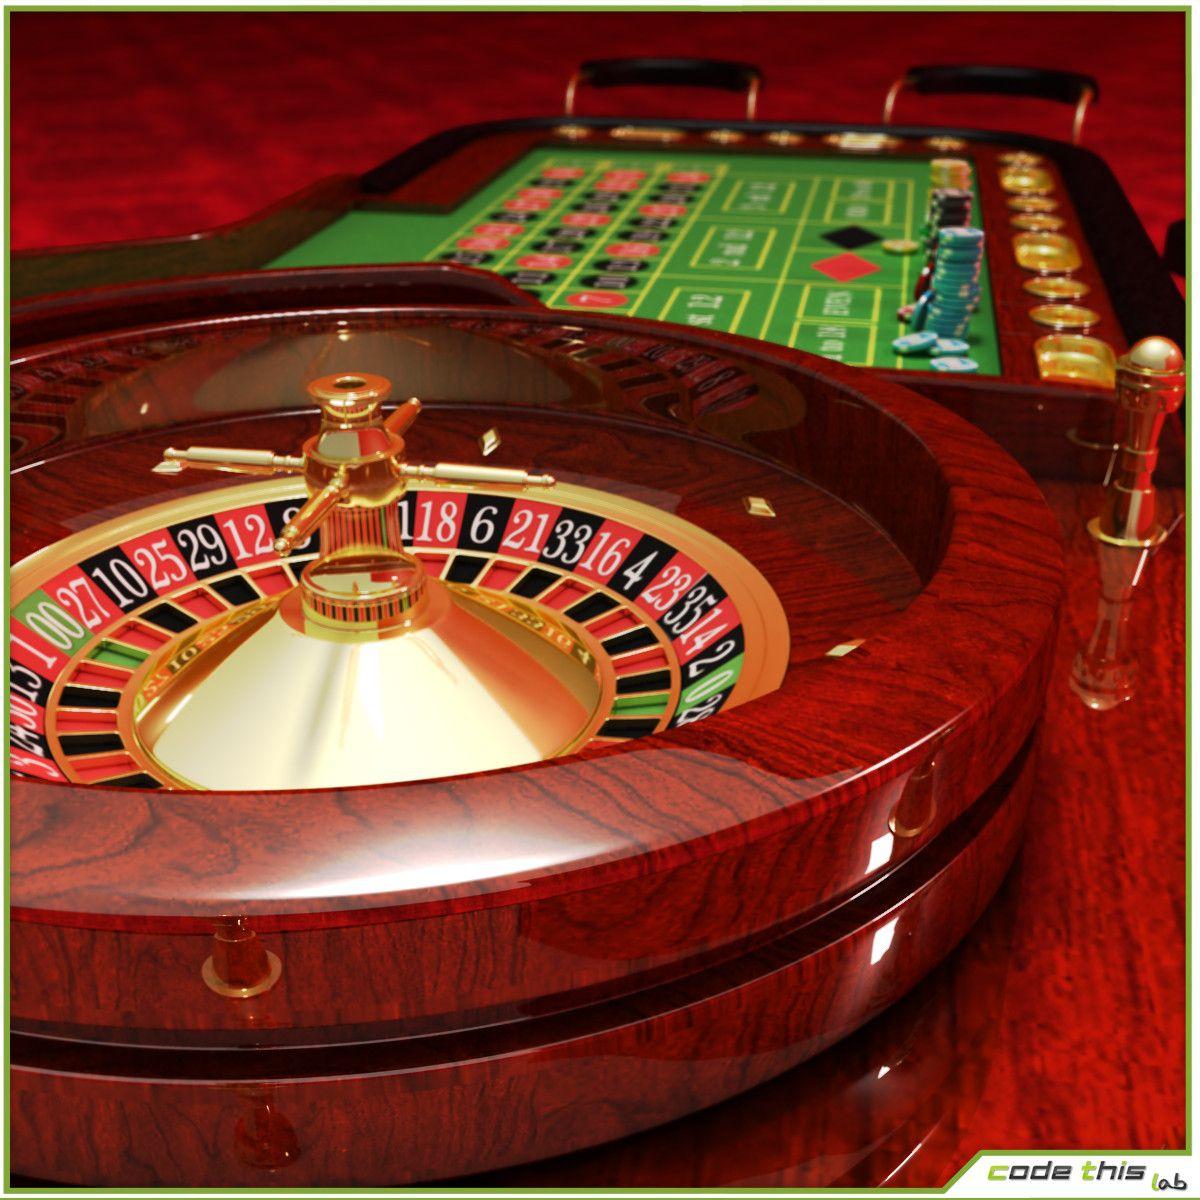 lotto spielen tipp24